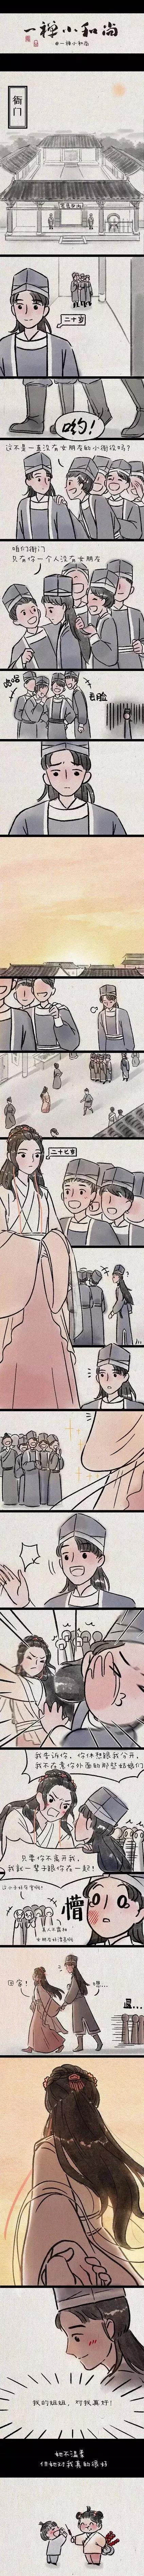 超暖心漫畫《姐姐》,麻煩你下次打輕點臉都腫了